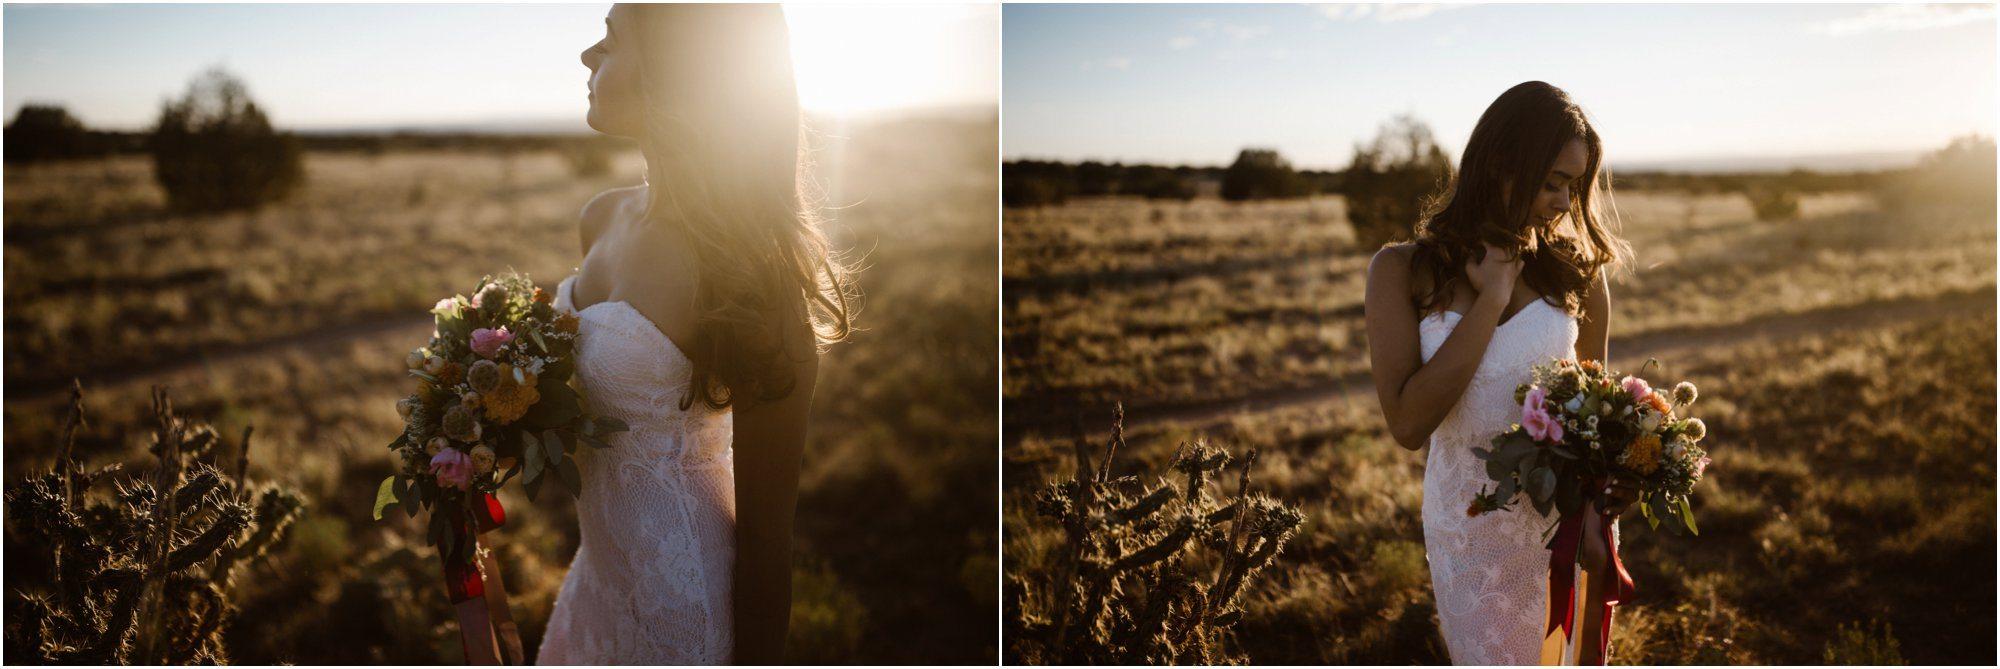 039Blue Rose Photography_ Albuquerque Portrait Photographer_ Fine Art Portraits_ Santa Fe Photographer